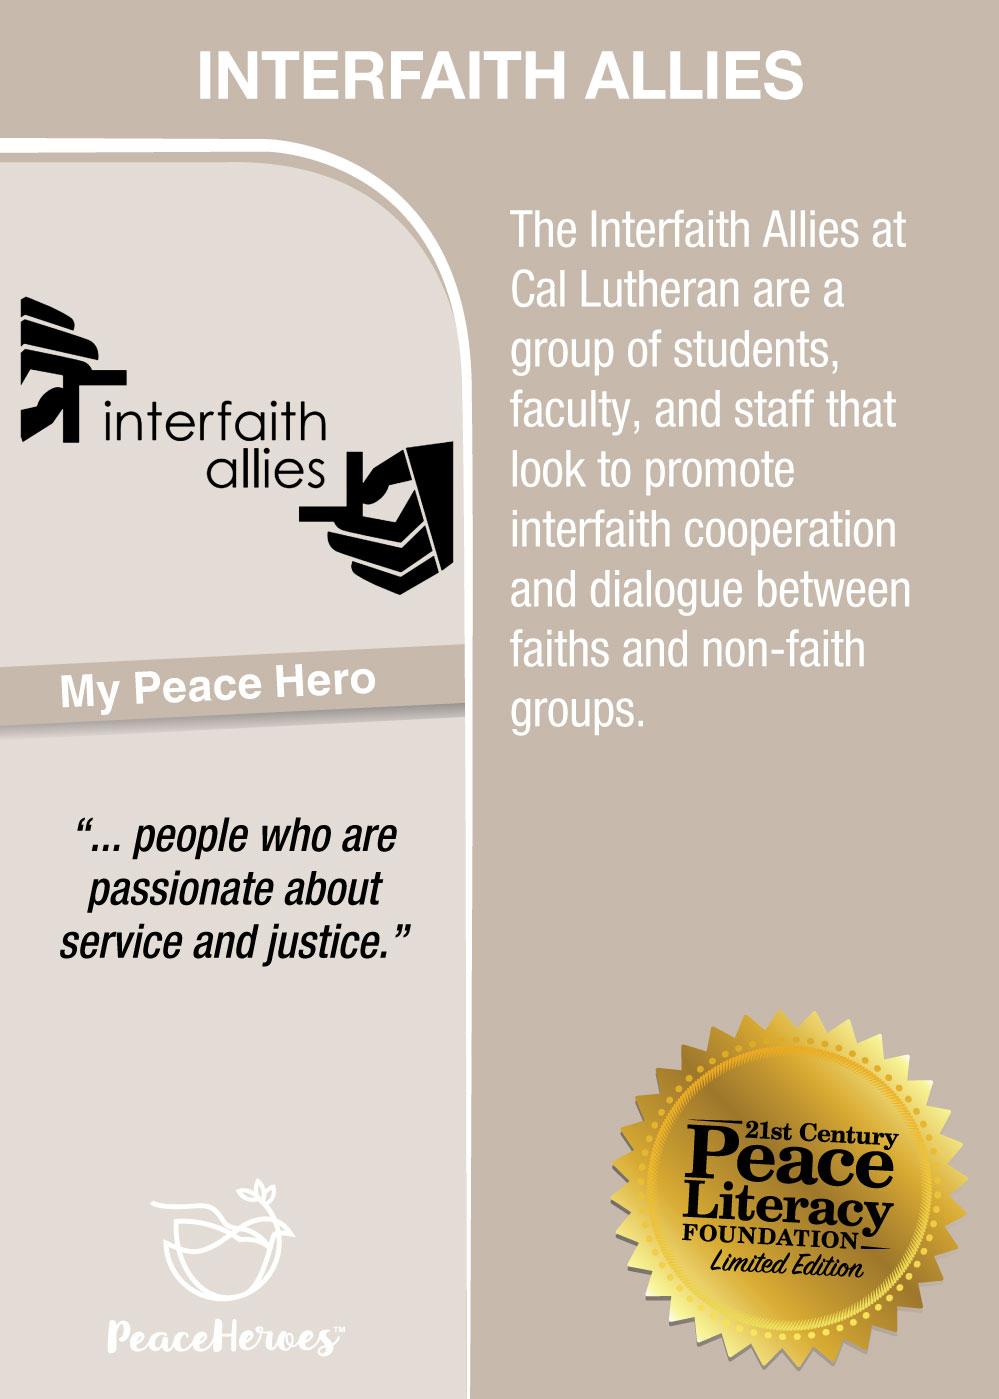 InterfaithAllies.jpg